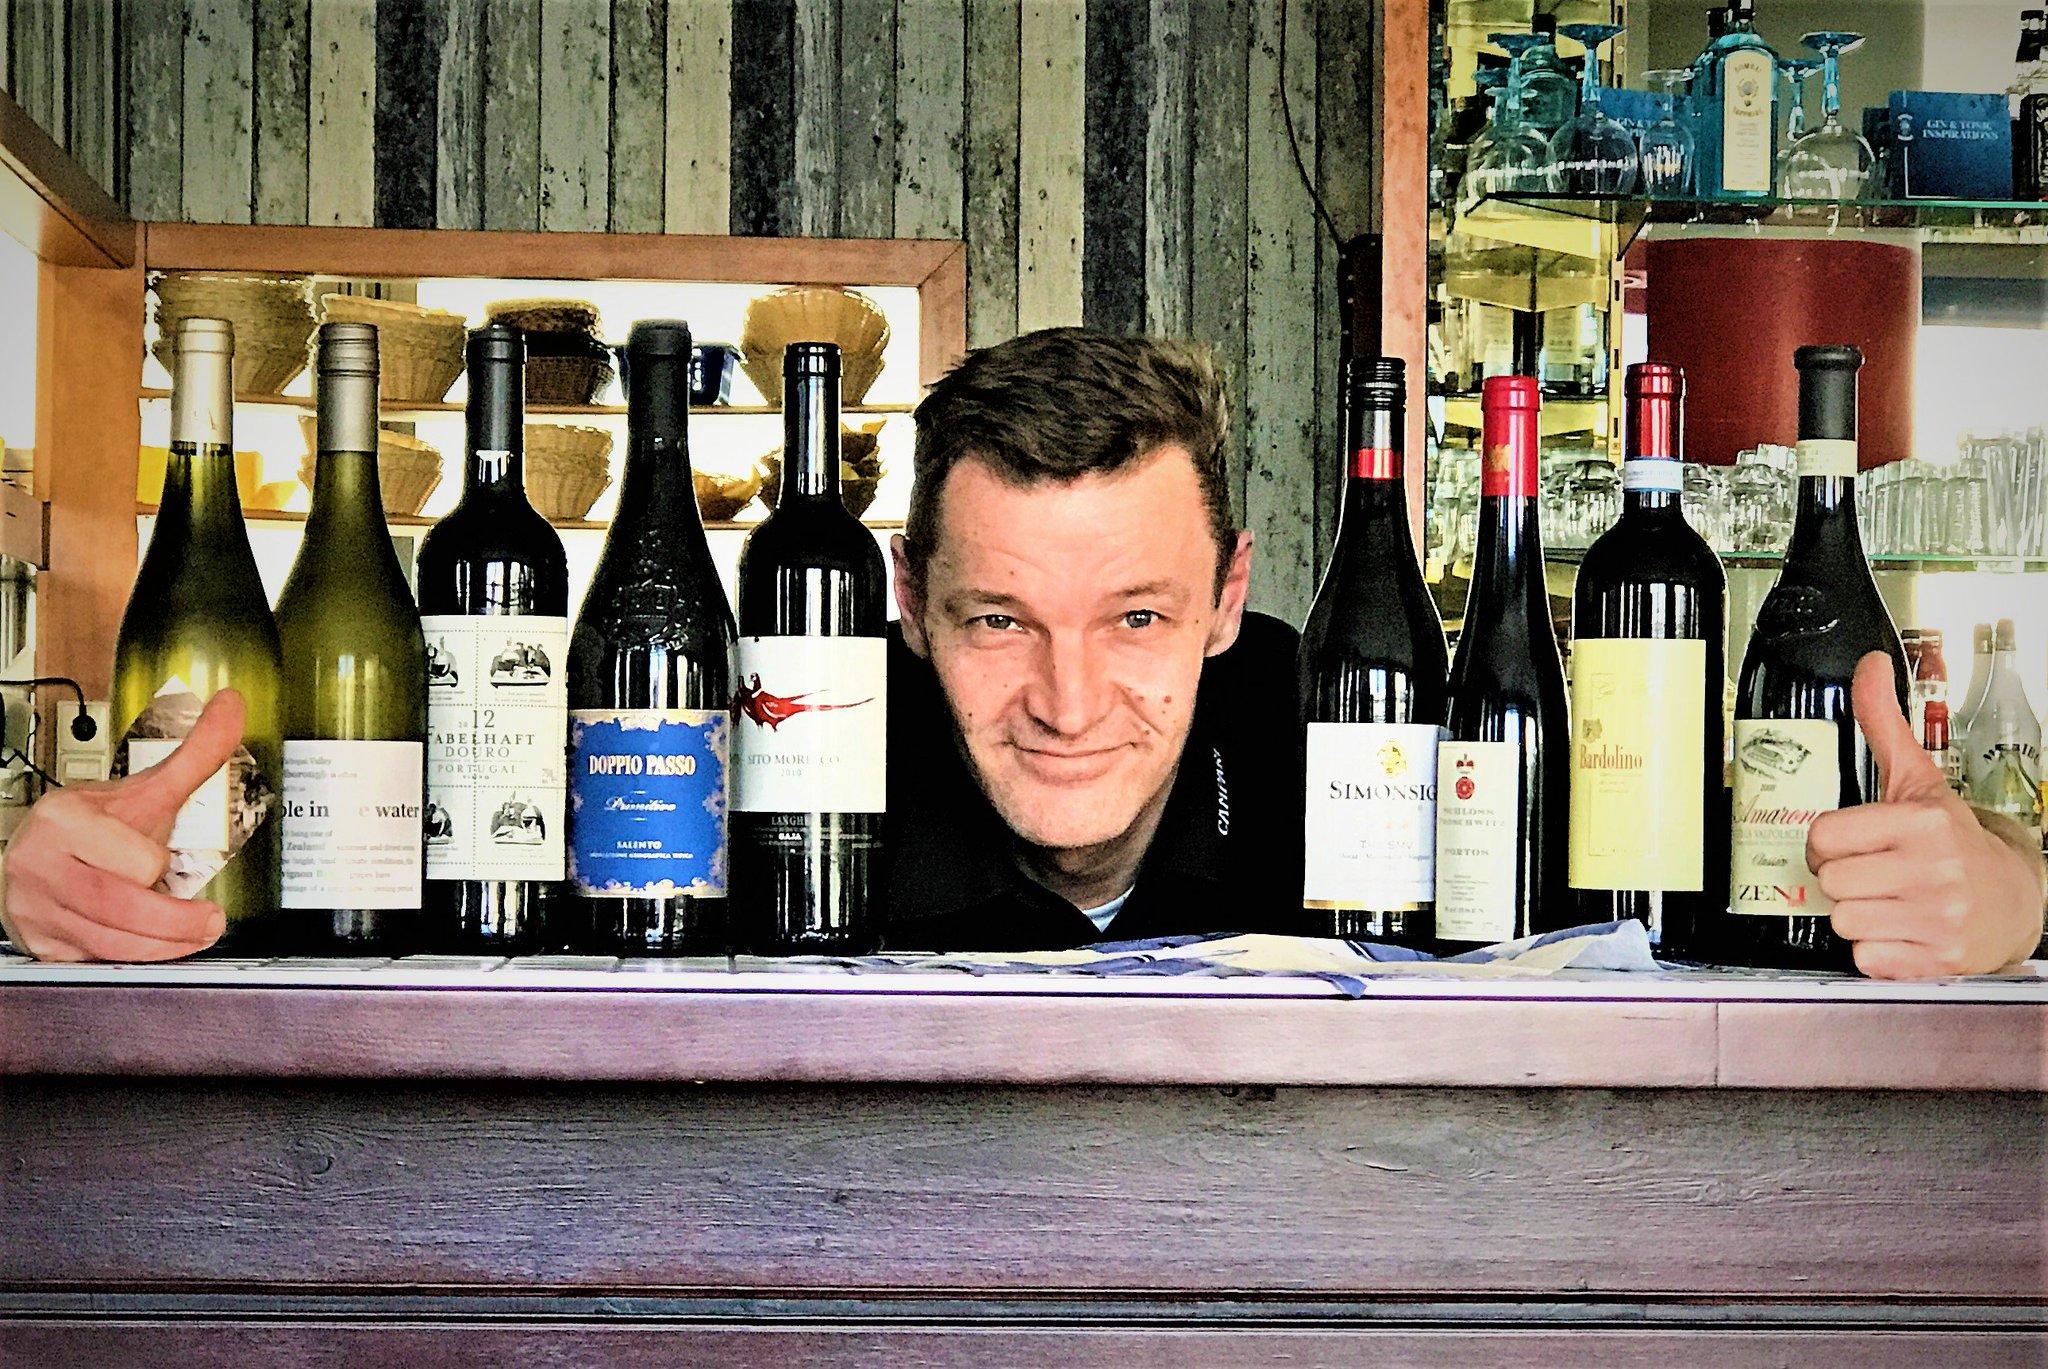 Wine Wein Vino Vinos - cover